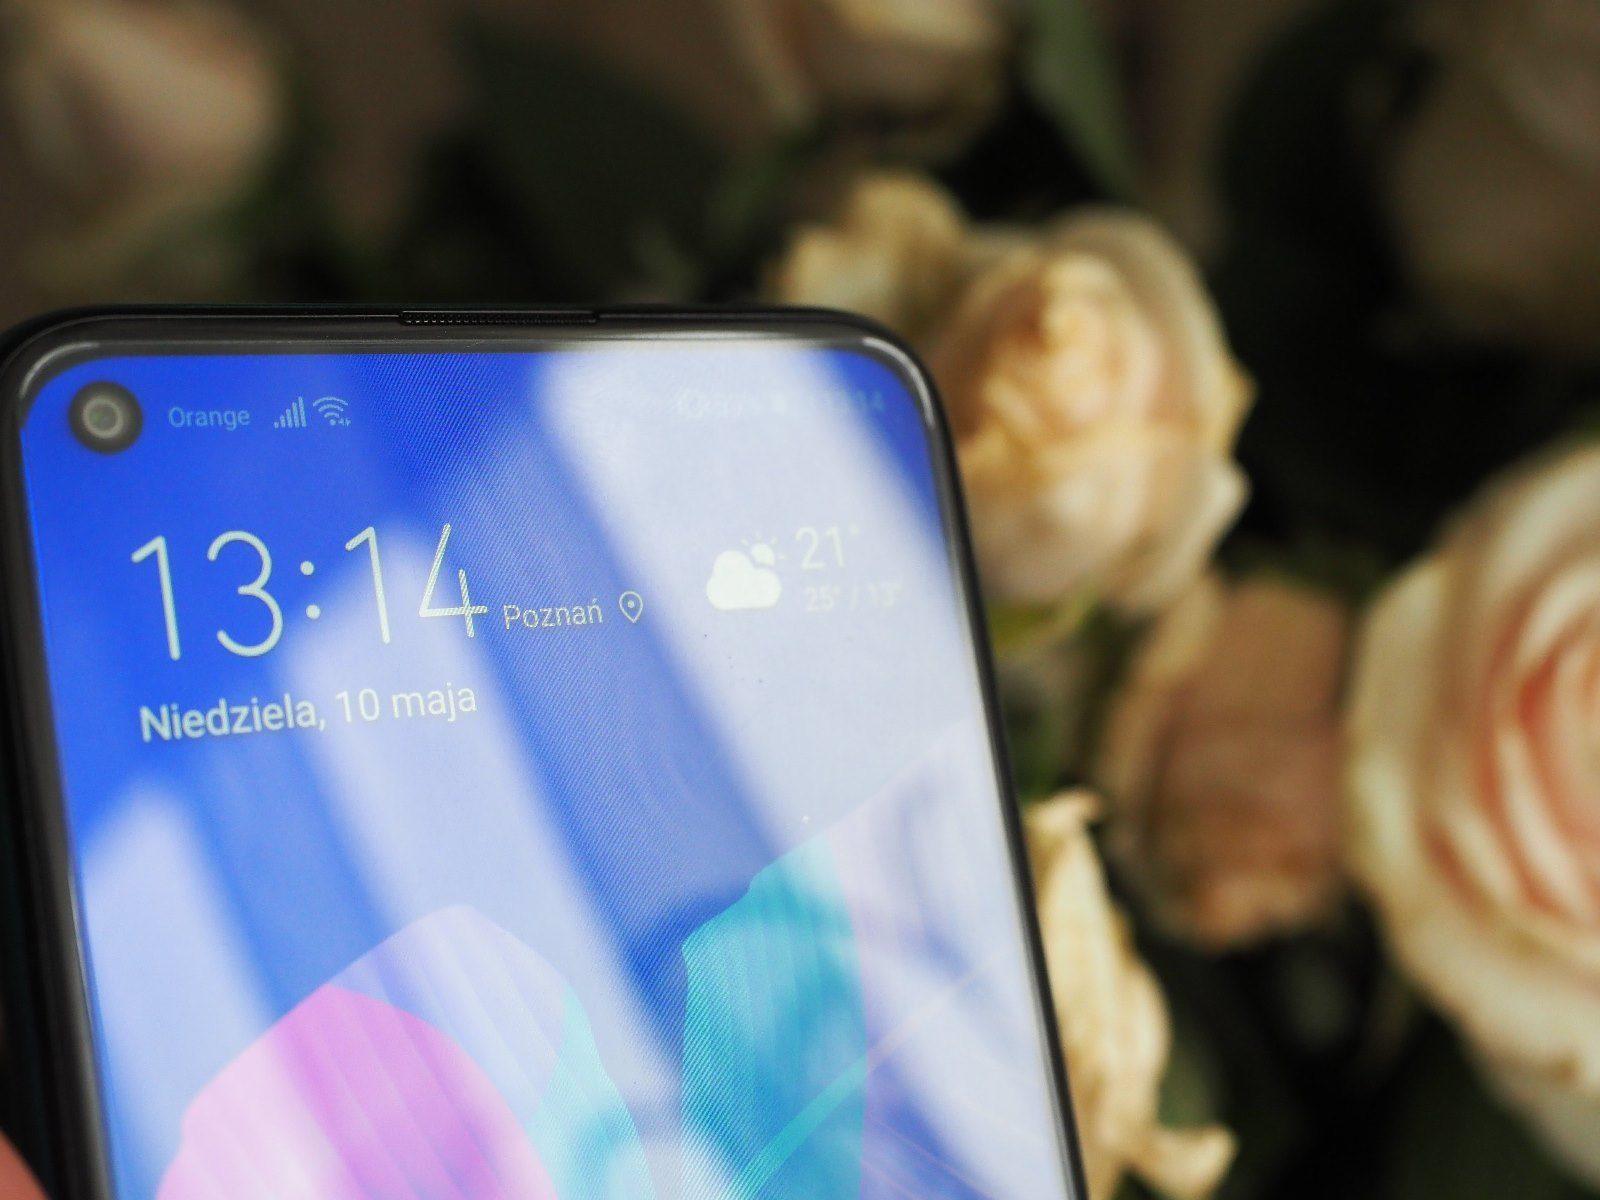 Zdjęcie z aparatu Olympus E-m5 mark 3